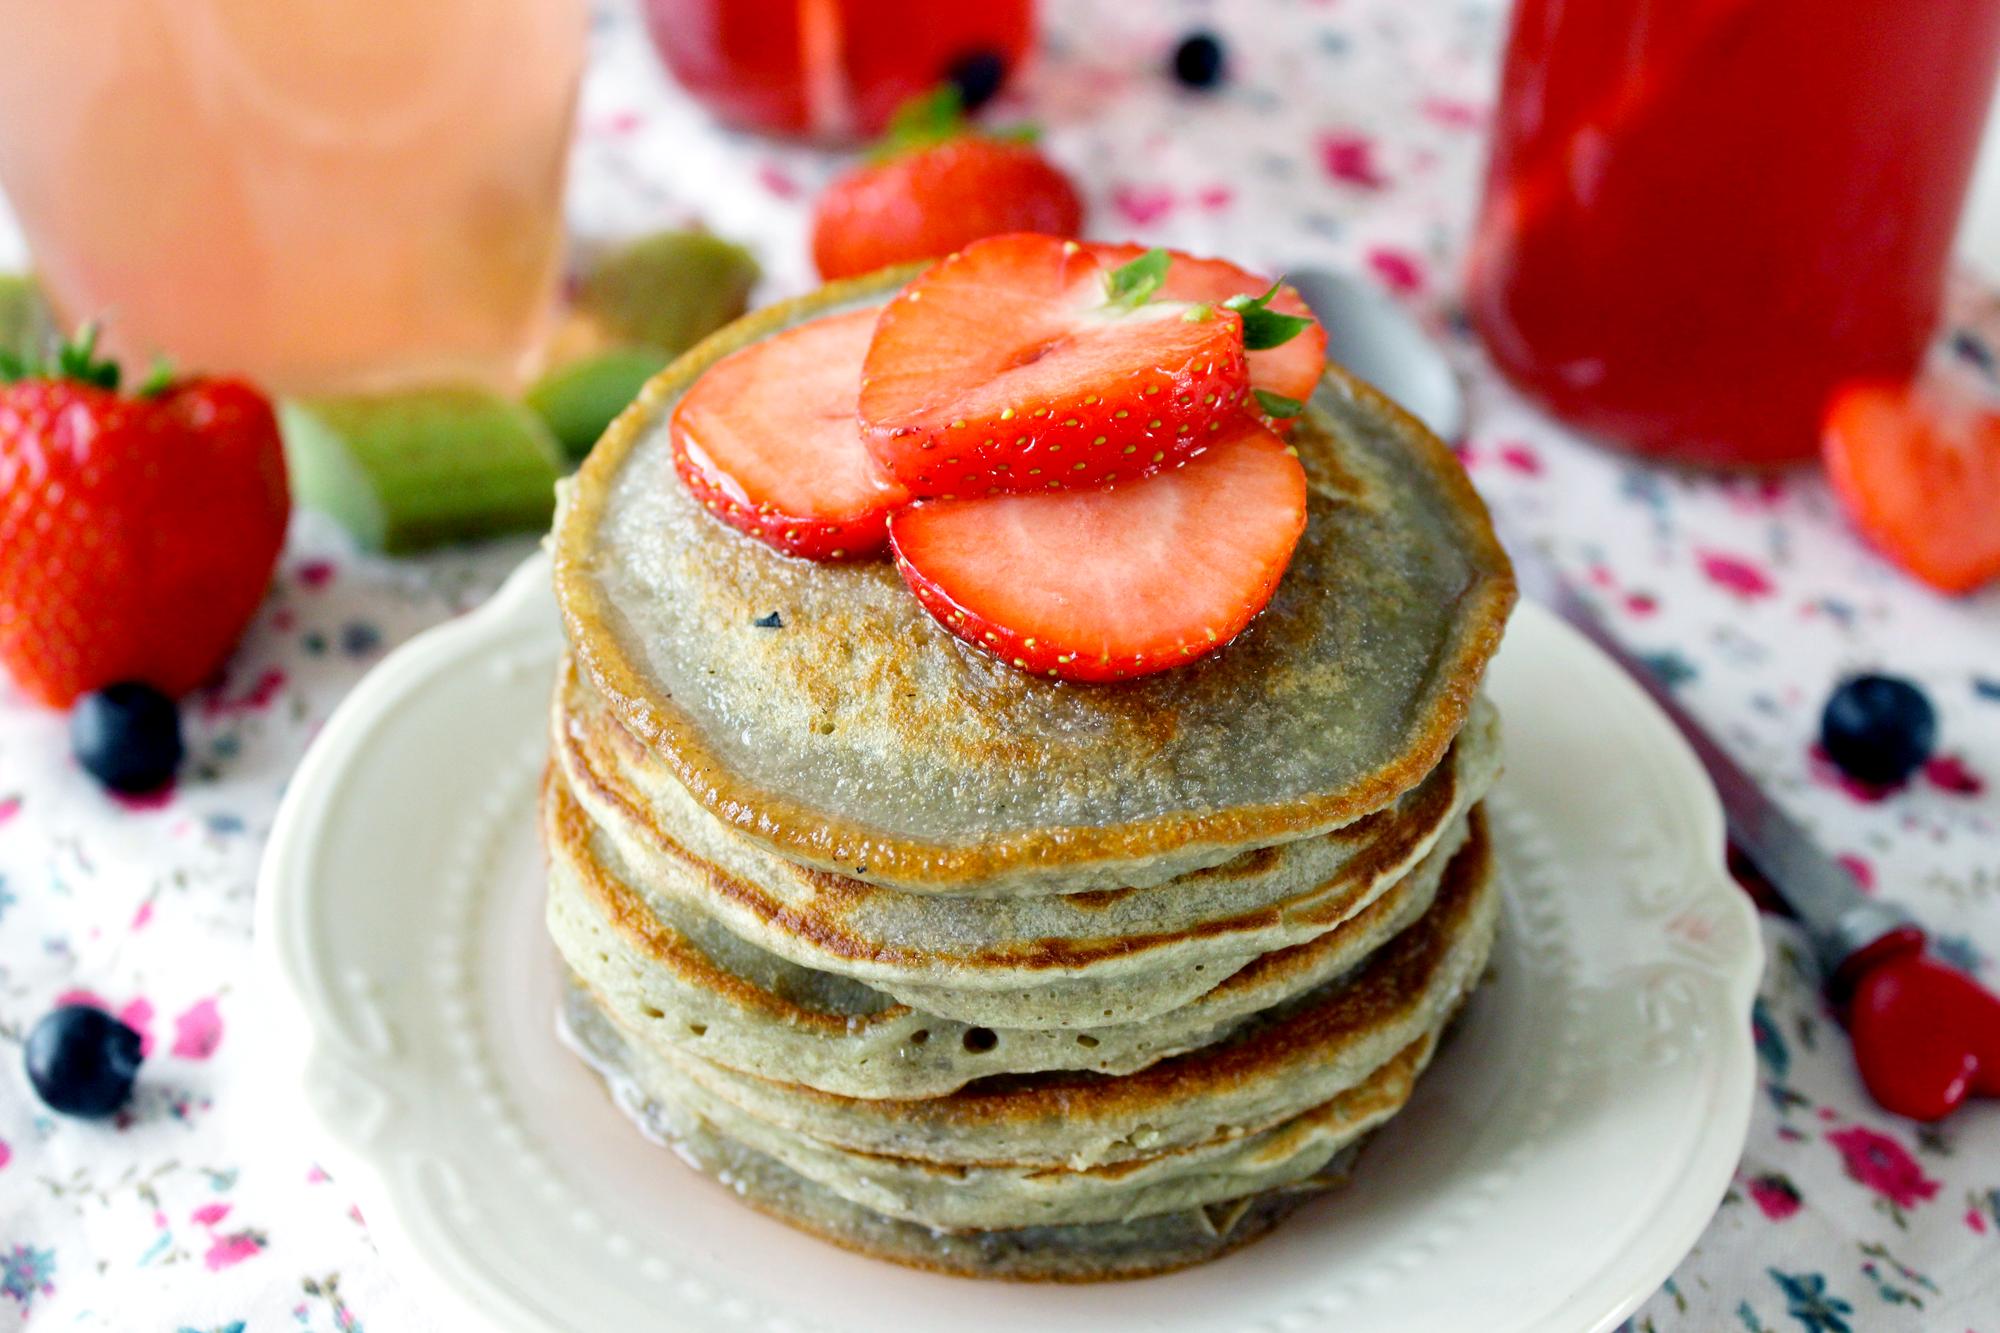 Pancakes au Sirop de Rhubarbe & Fraises Fraiches